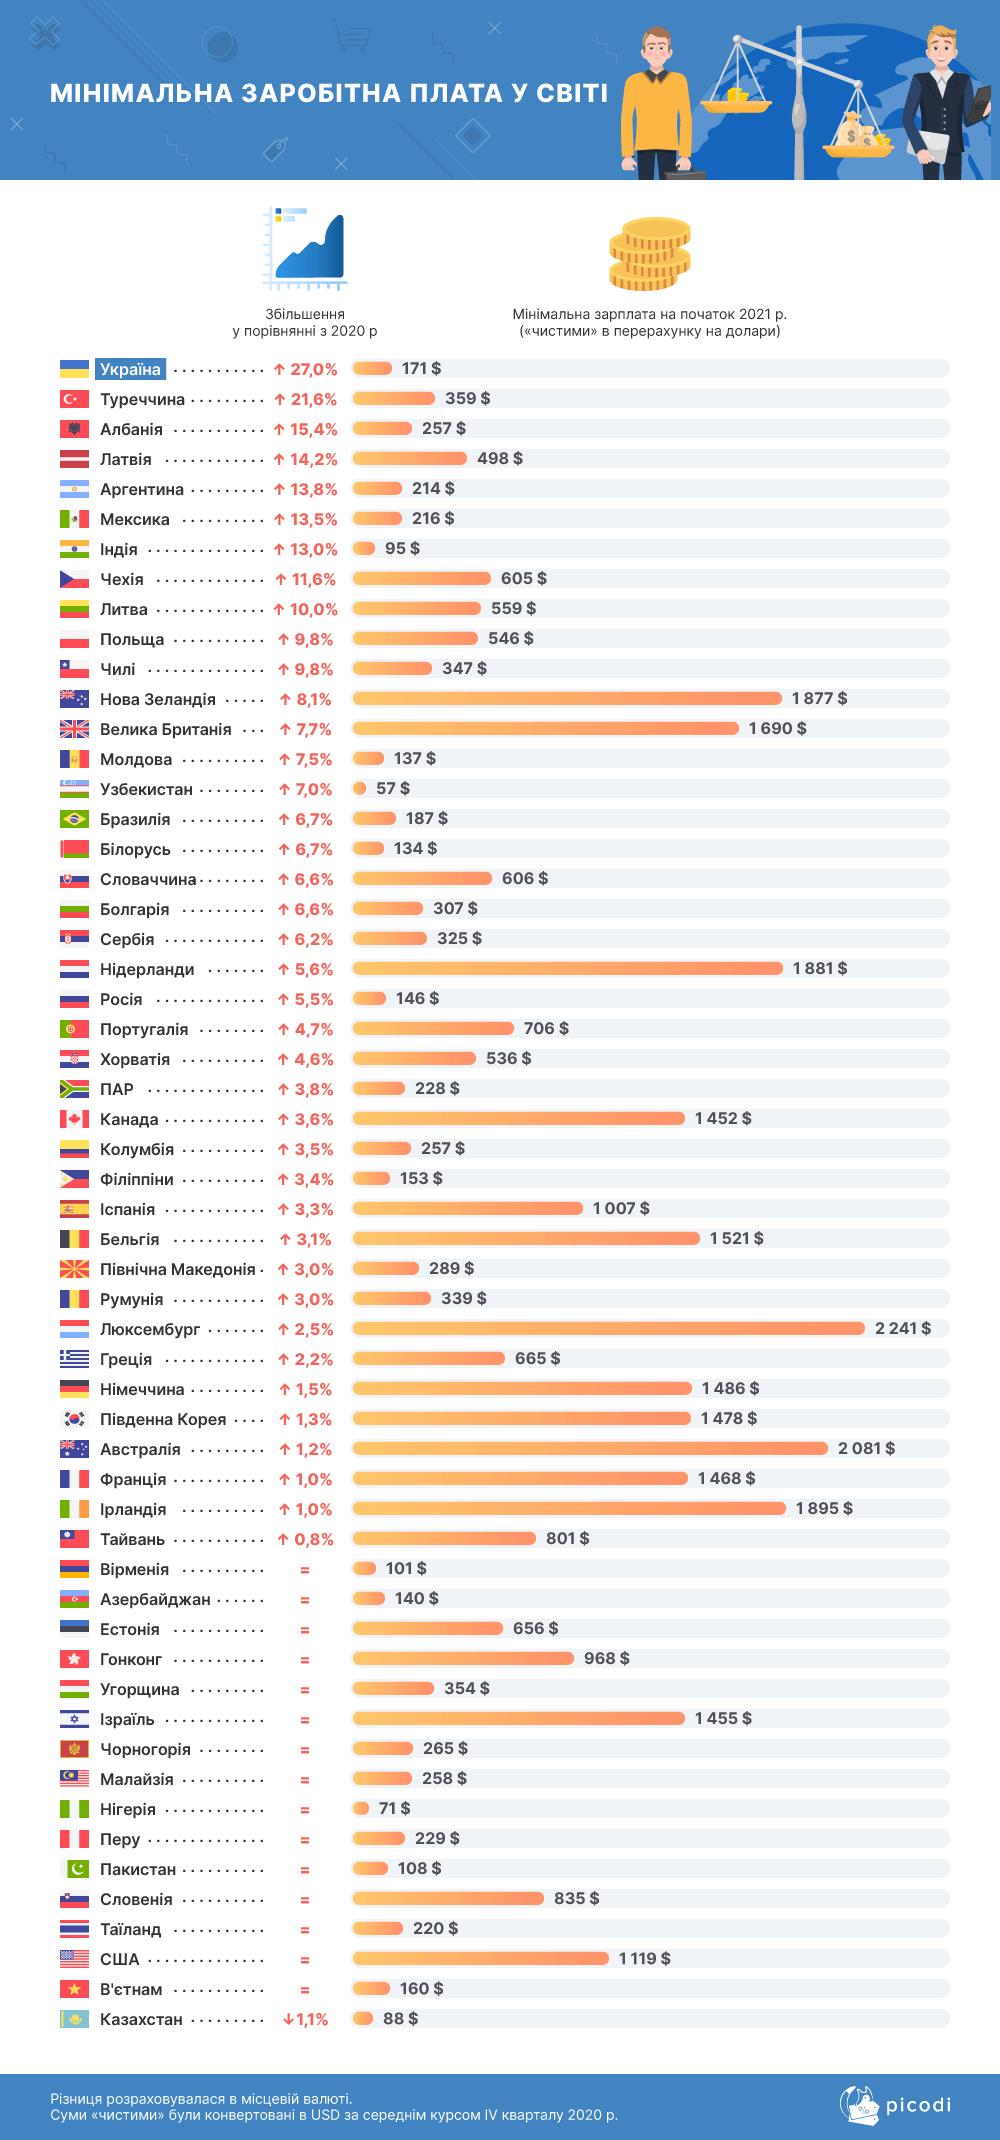 Украина заняла первое место в рейтинге стран с наибольшим ростом зарплаты